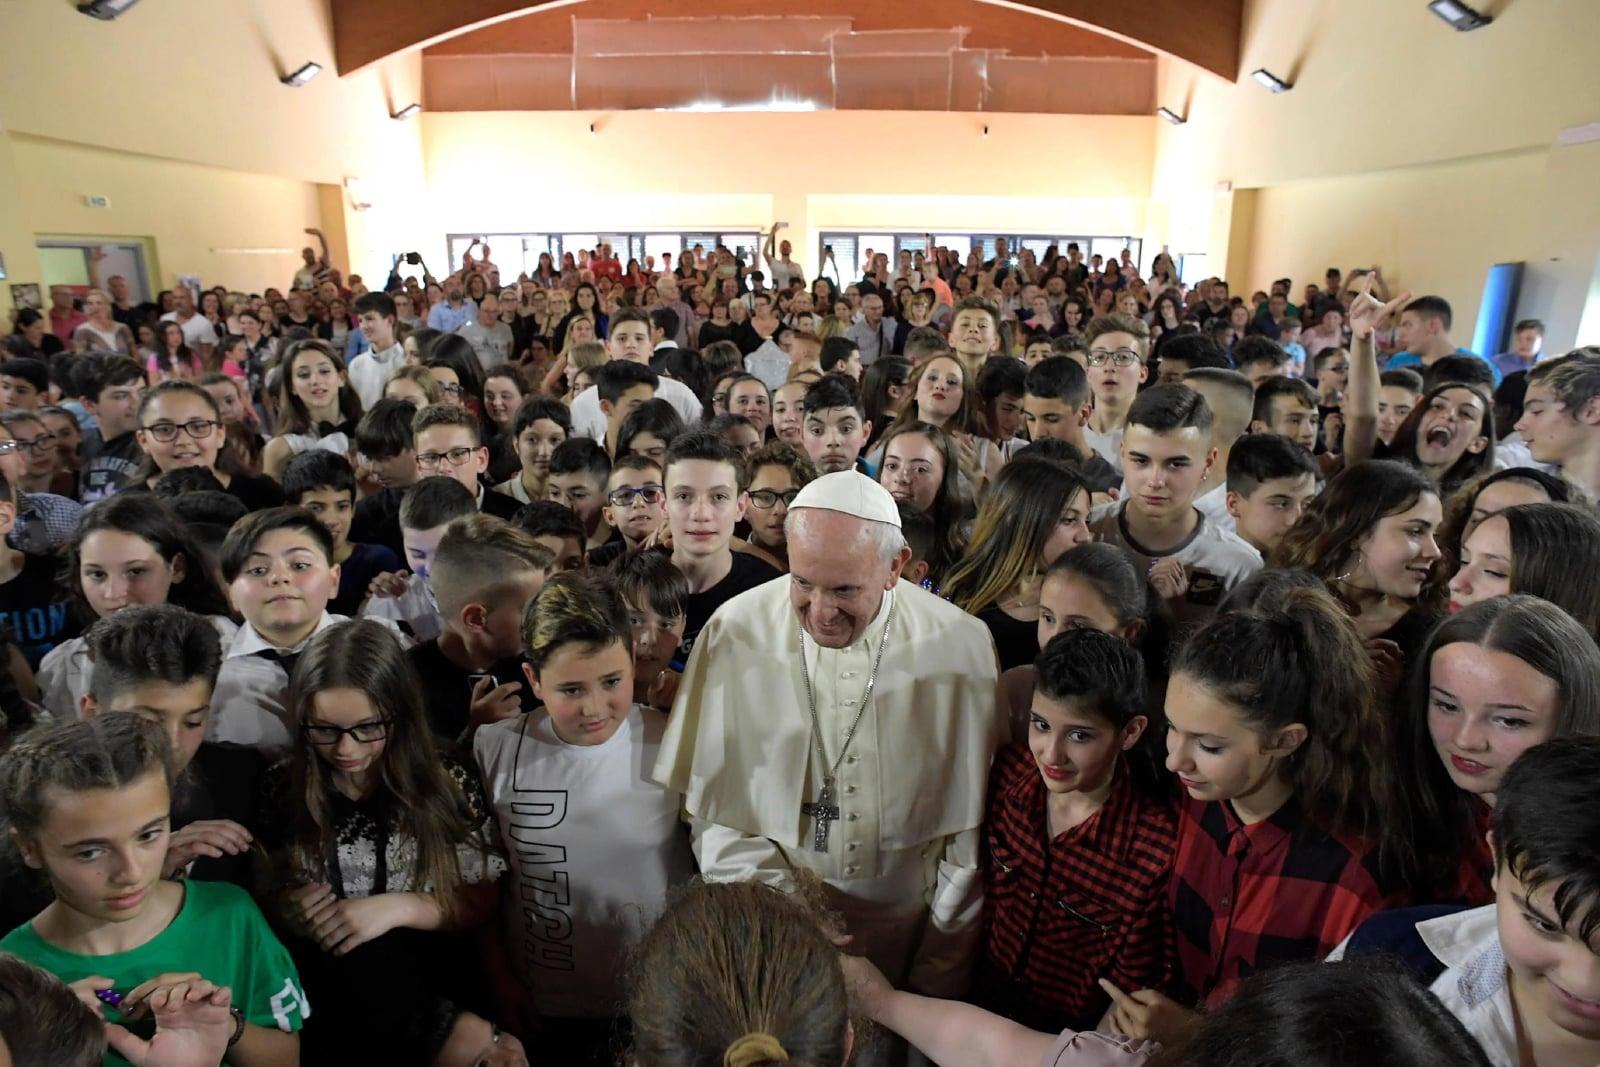 Papież Franciszek odwiedza szkołę fot. EPA/VATICAN MEDIA